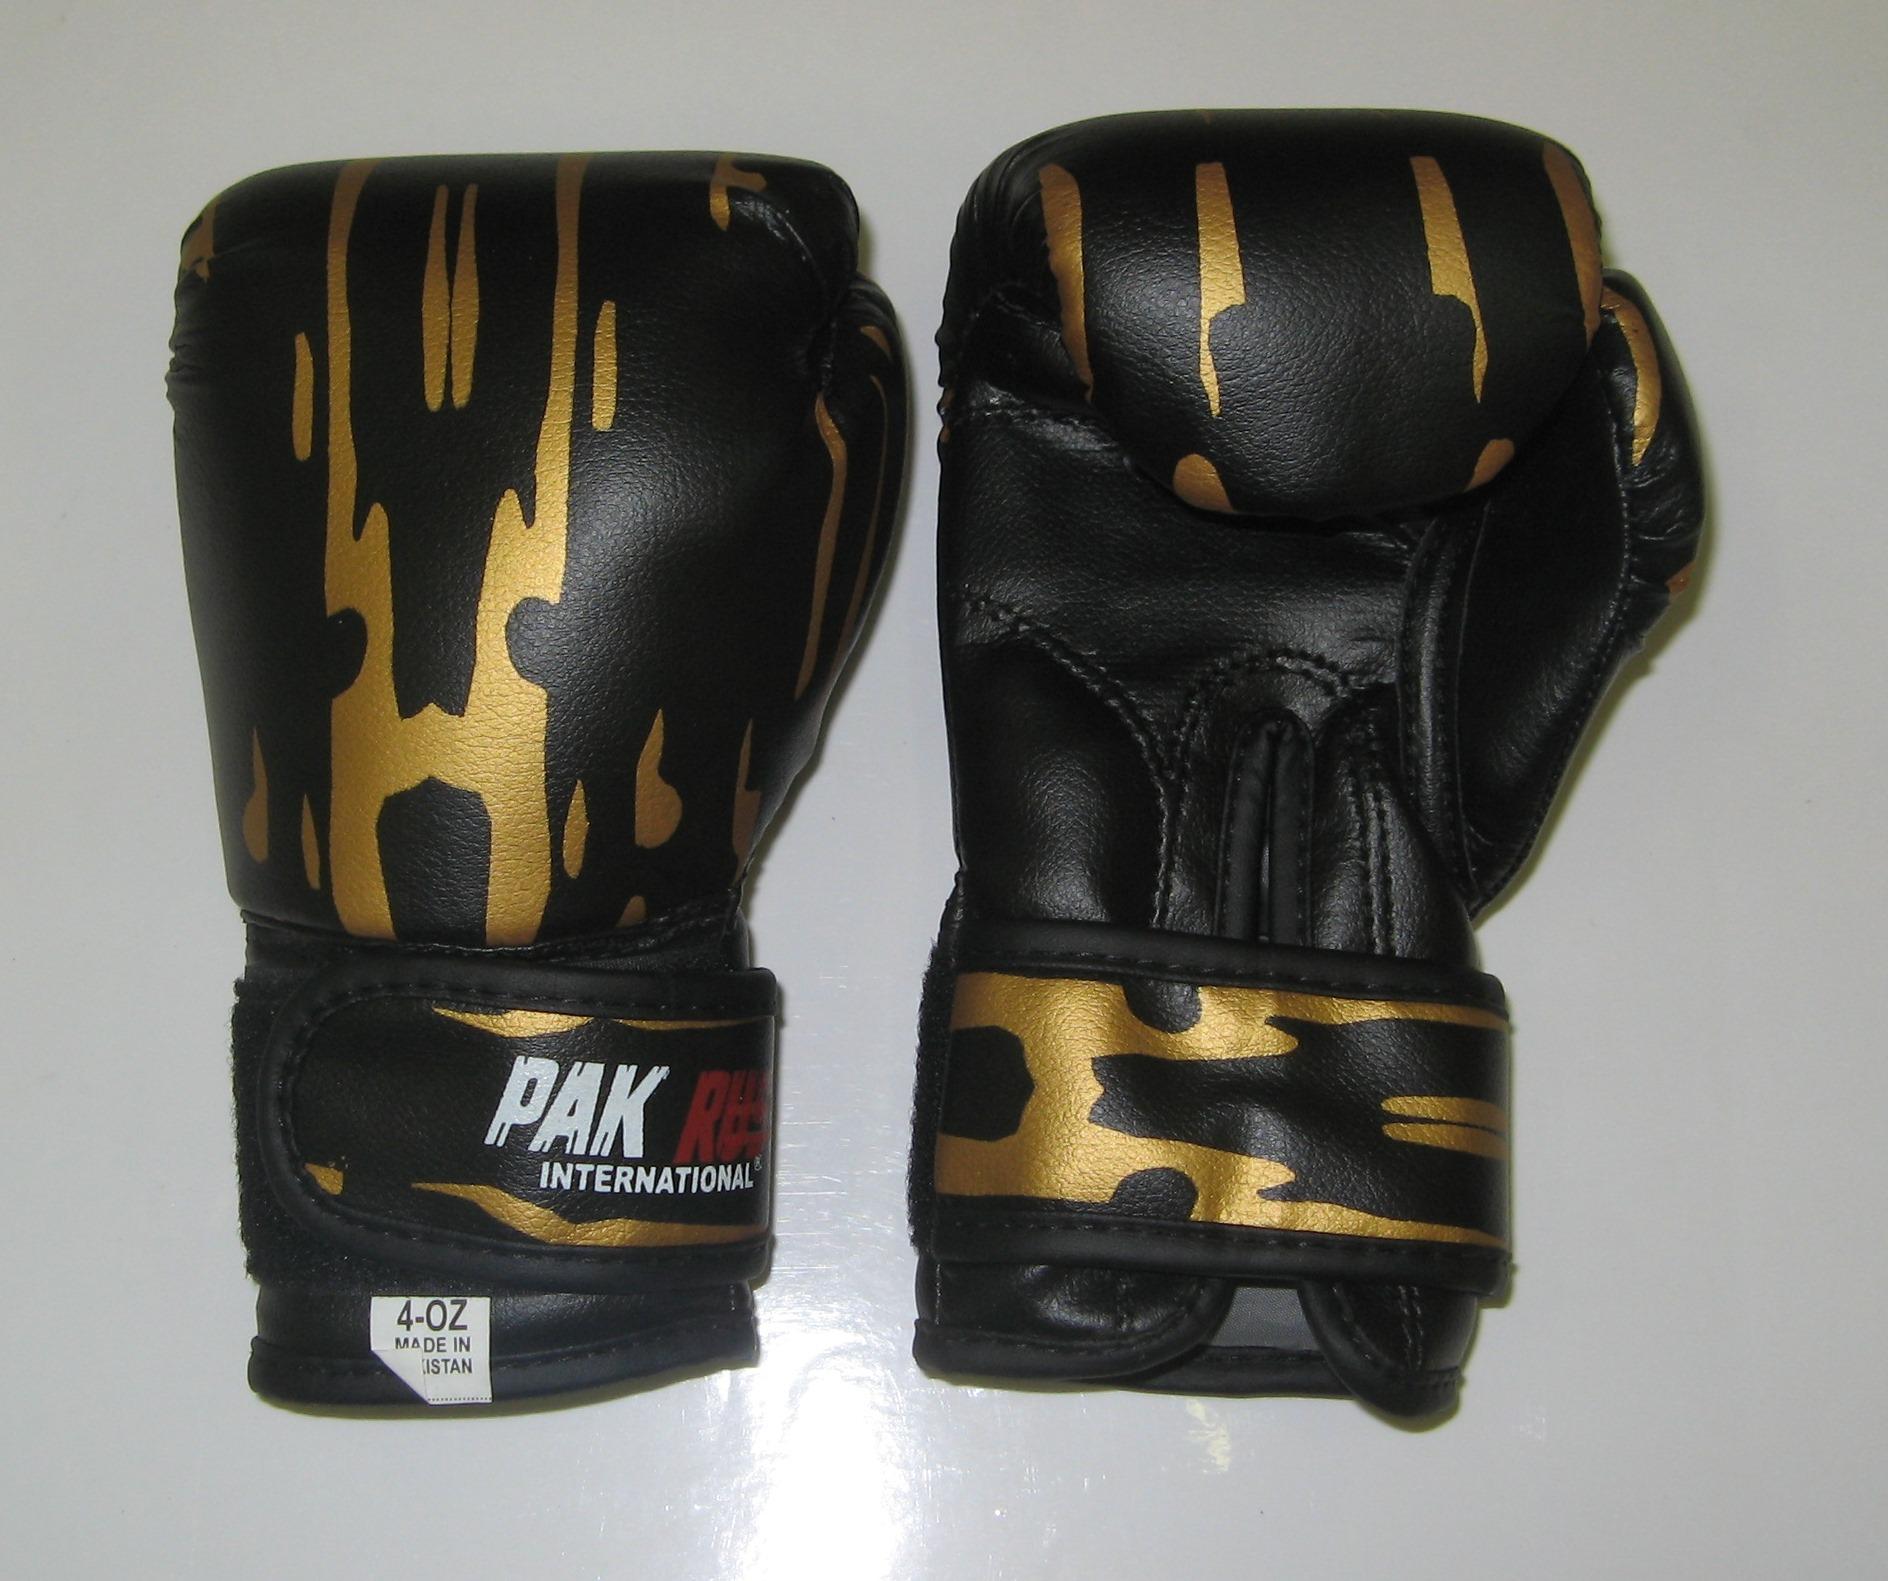 Перчатки боксерские Pak Rus, искусственная кожа, 6 OZ, PR-11-015 - артикул: 800960392